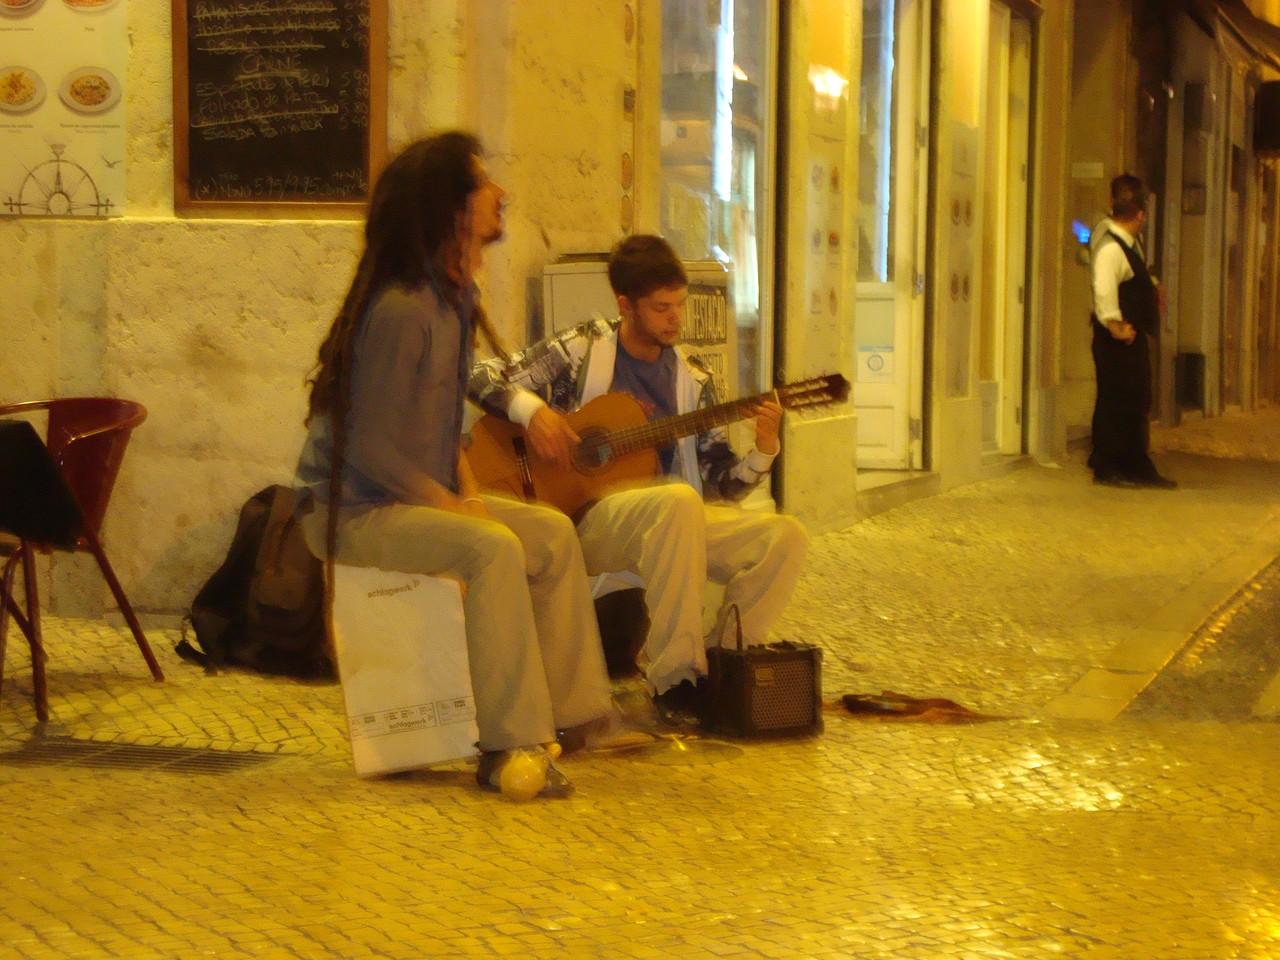 街角のフラメンキート。右のギタリストは1週間街角で見ました。どんどんひげが濃くなって最後はかなりディープな様相になっていましたよ。